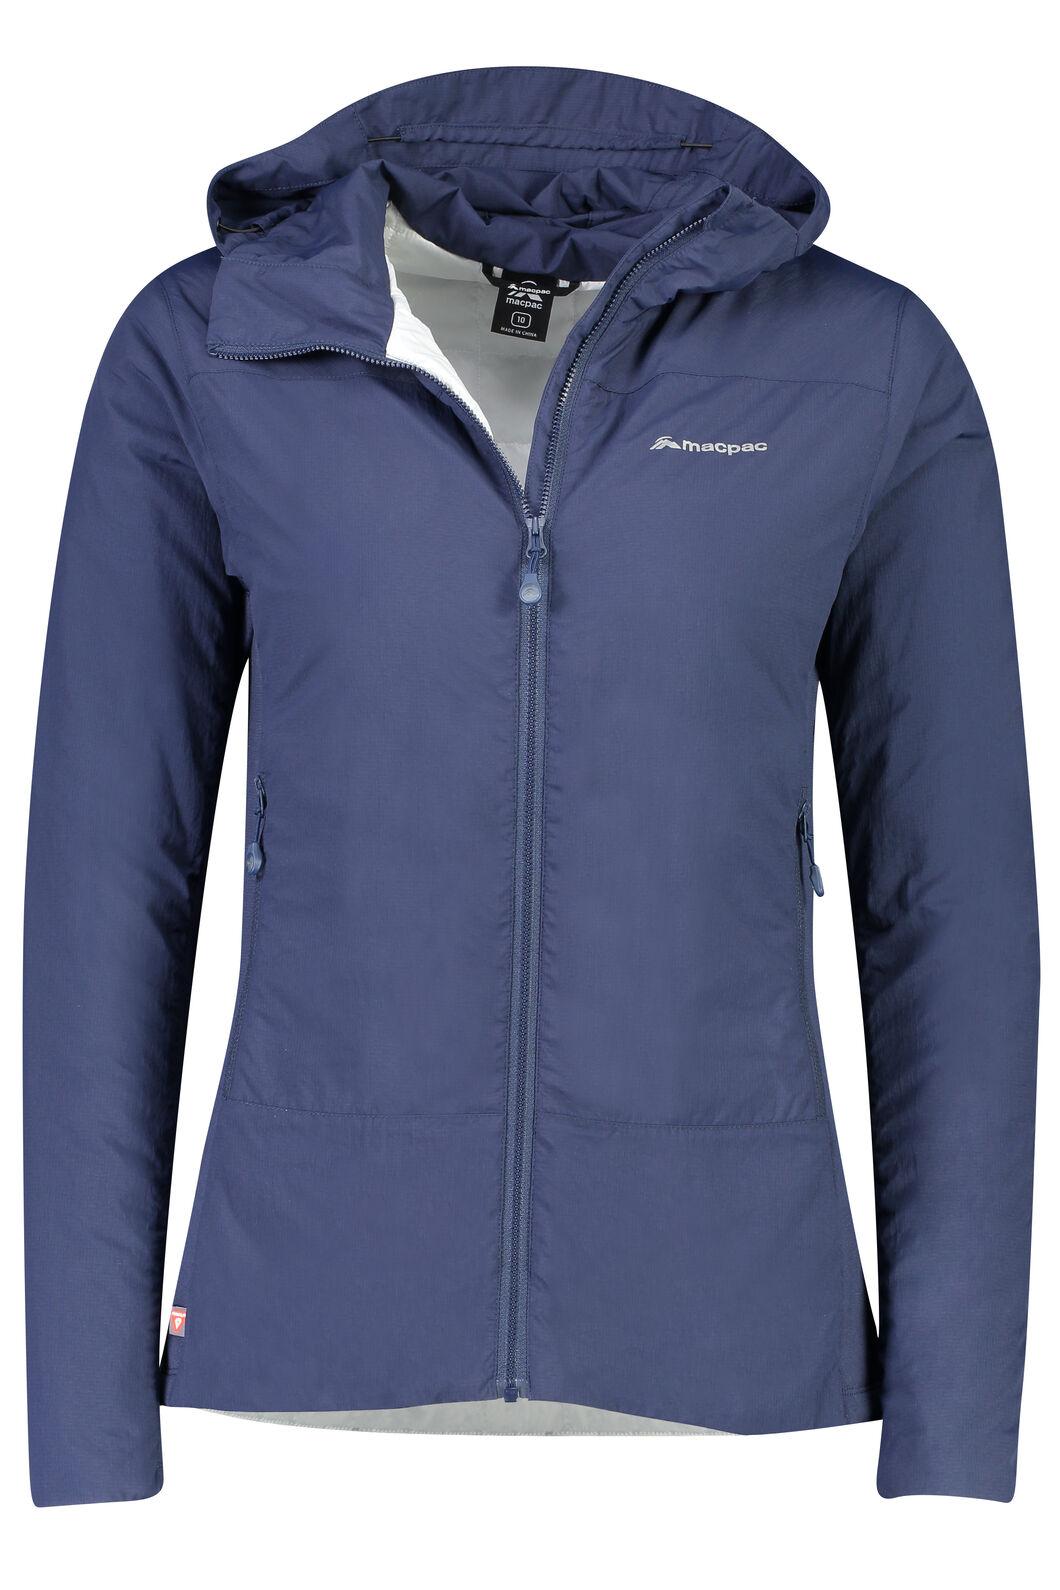 Macpac Ethos PrimaLoft® Jacket - Women's, Black Iris, hi-res